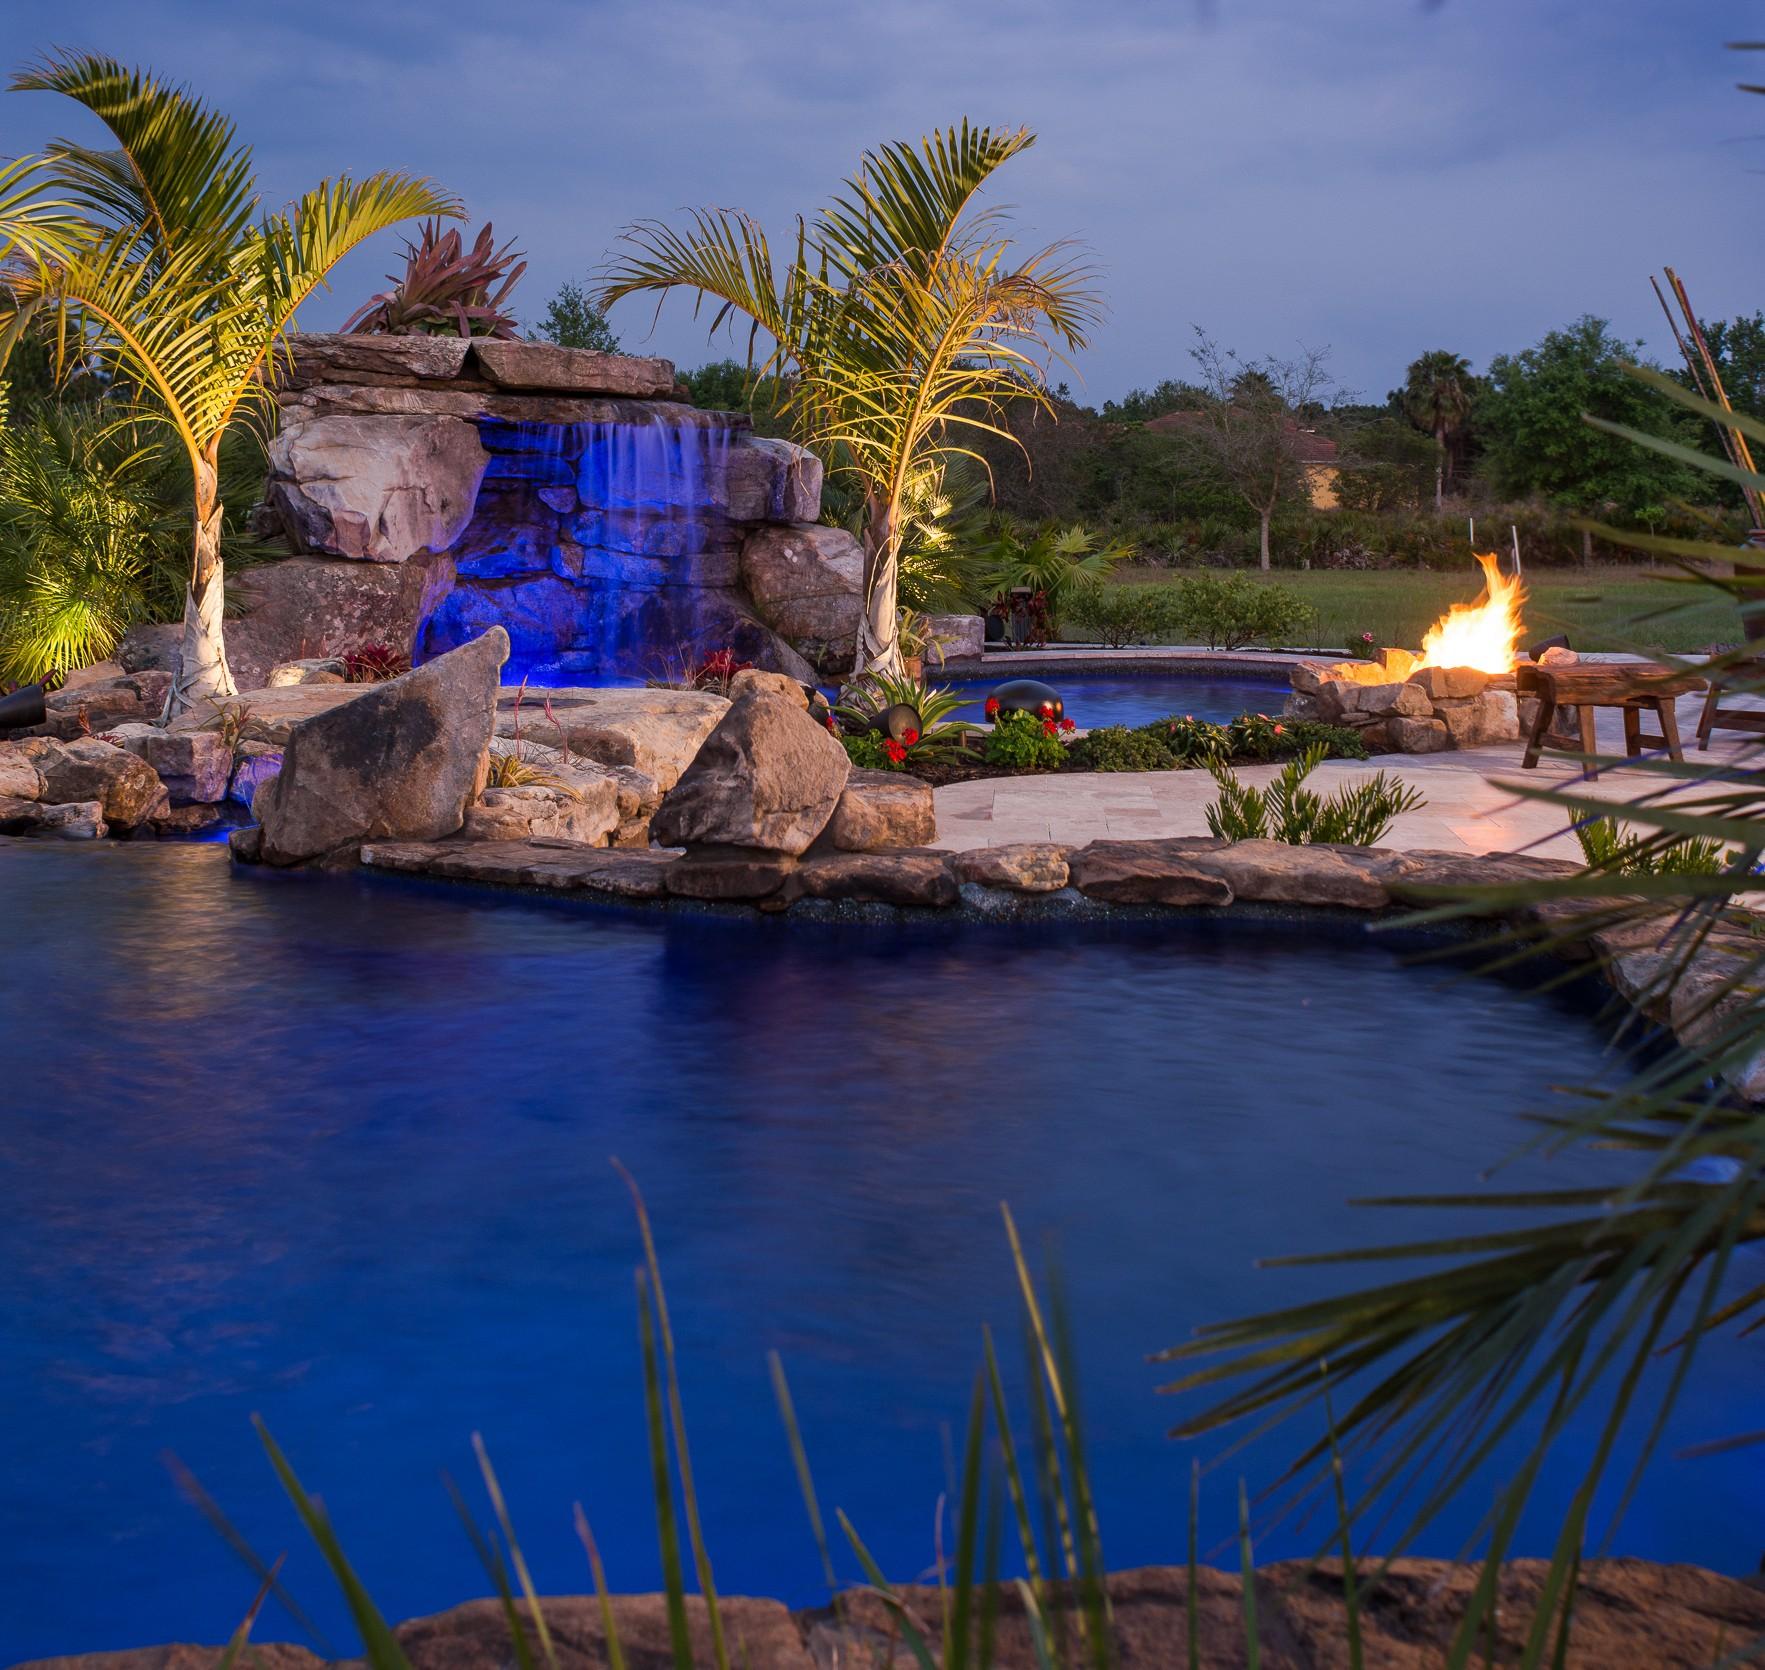 Lucas lagoons insane pools taylor bradenton florida luxury for Florida pool show 2015